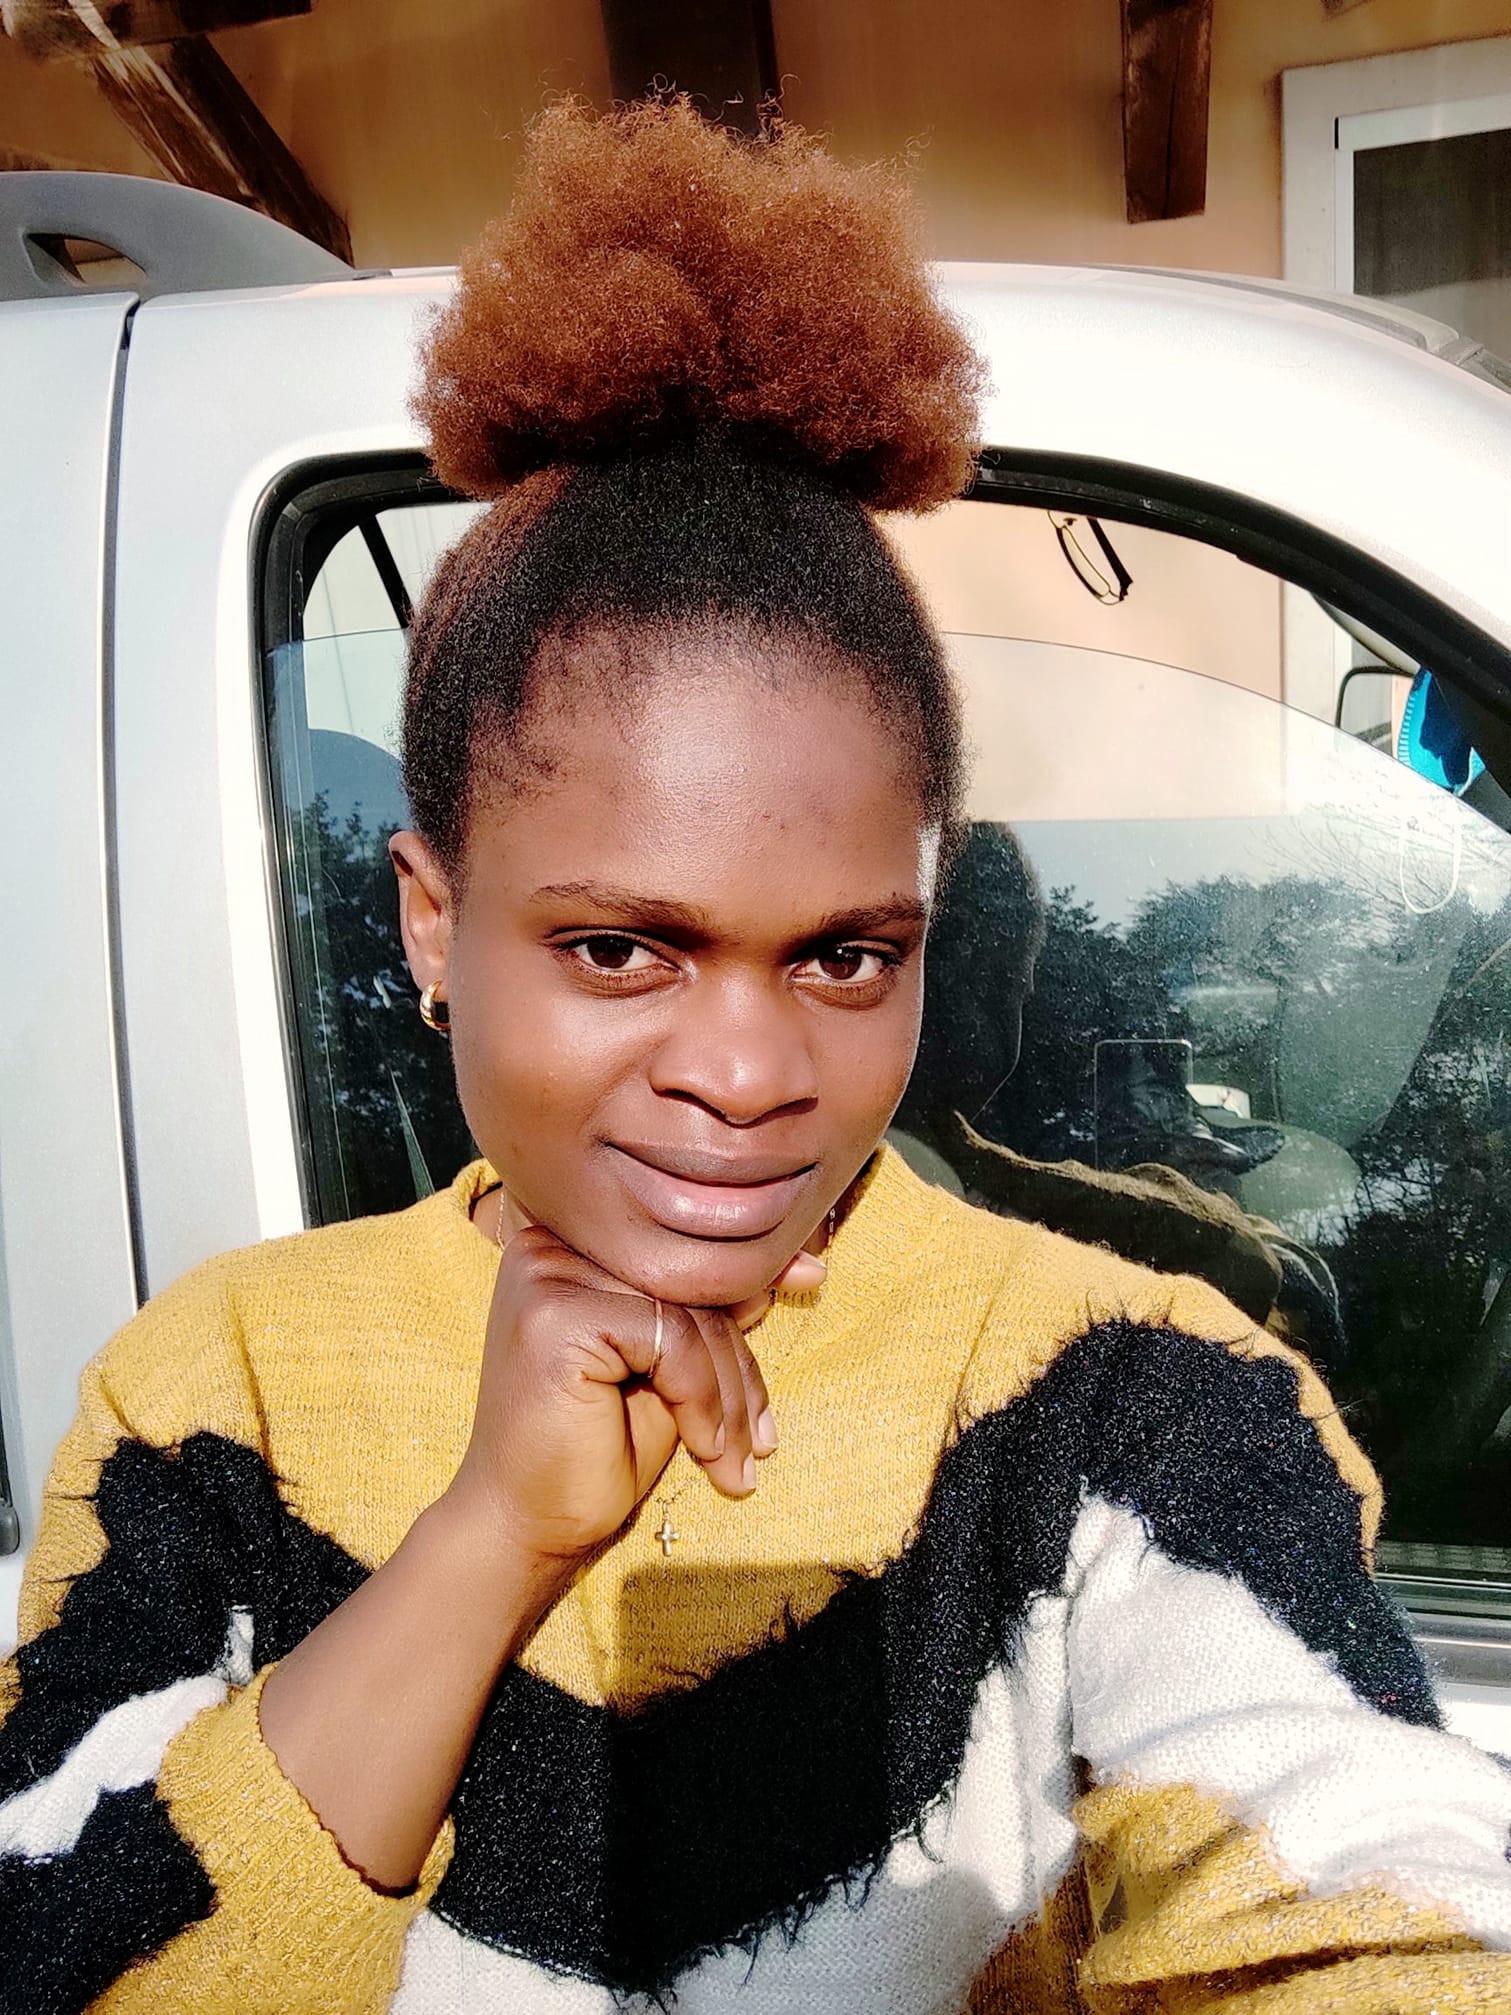 Une Nigériane aurait été abattue par son mari italien après avoir demandé le divorce